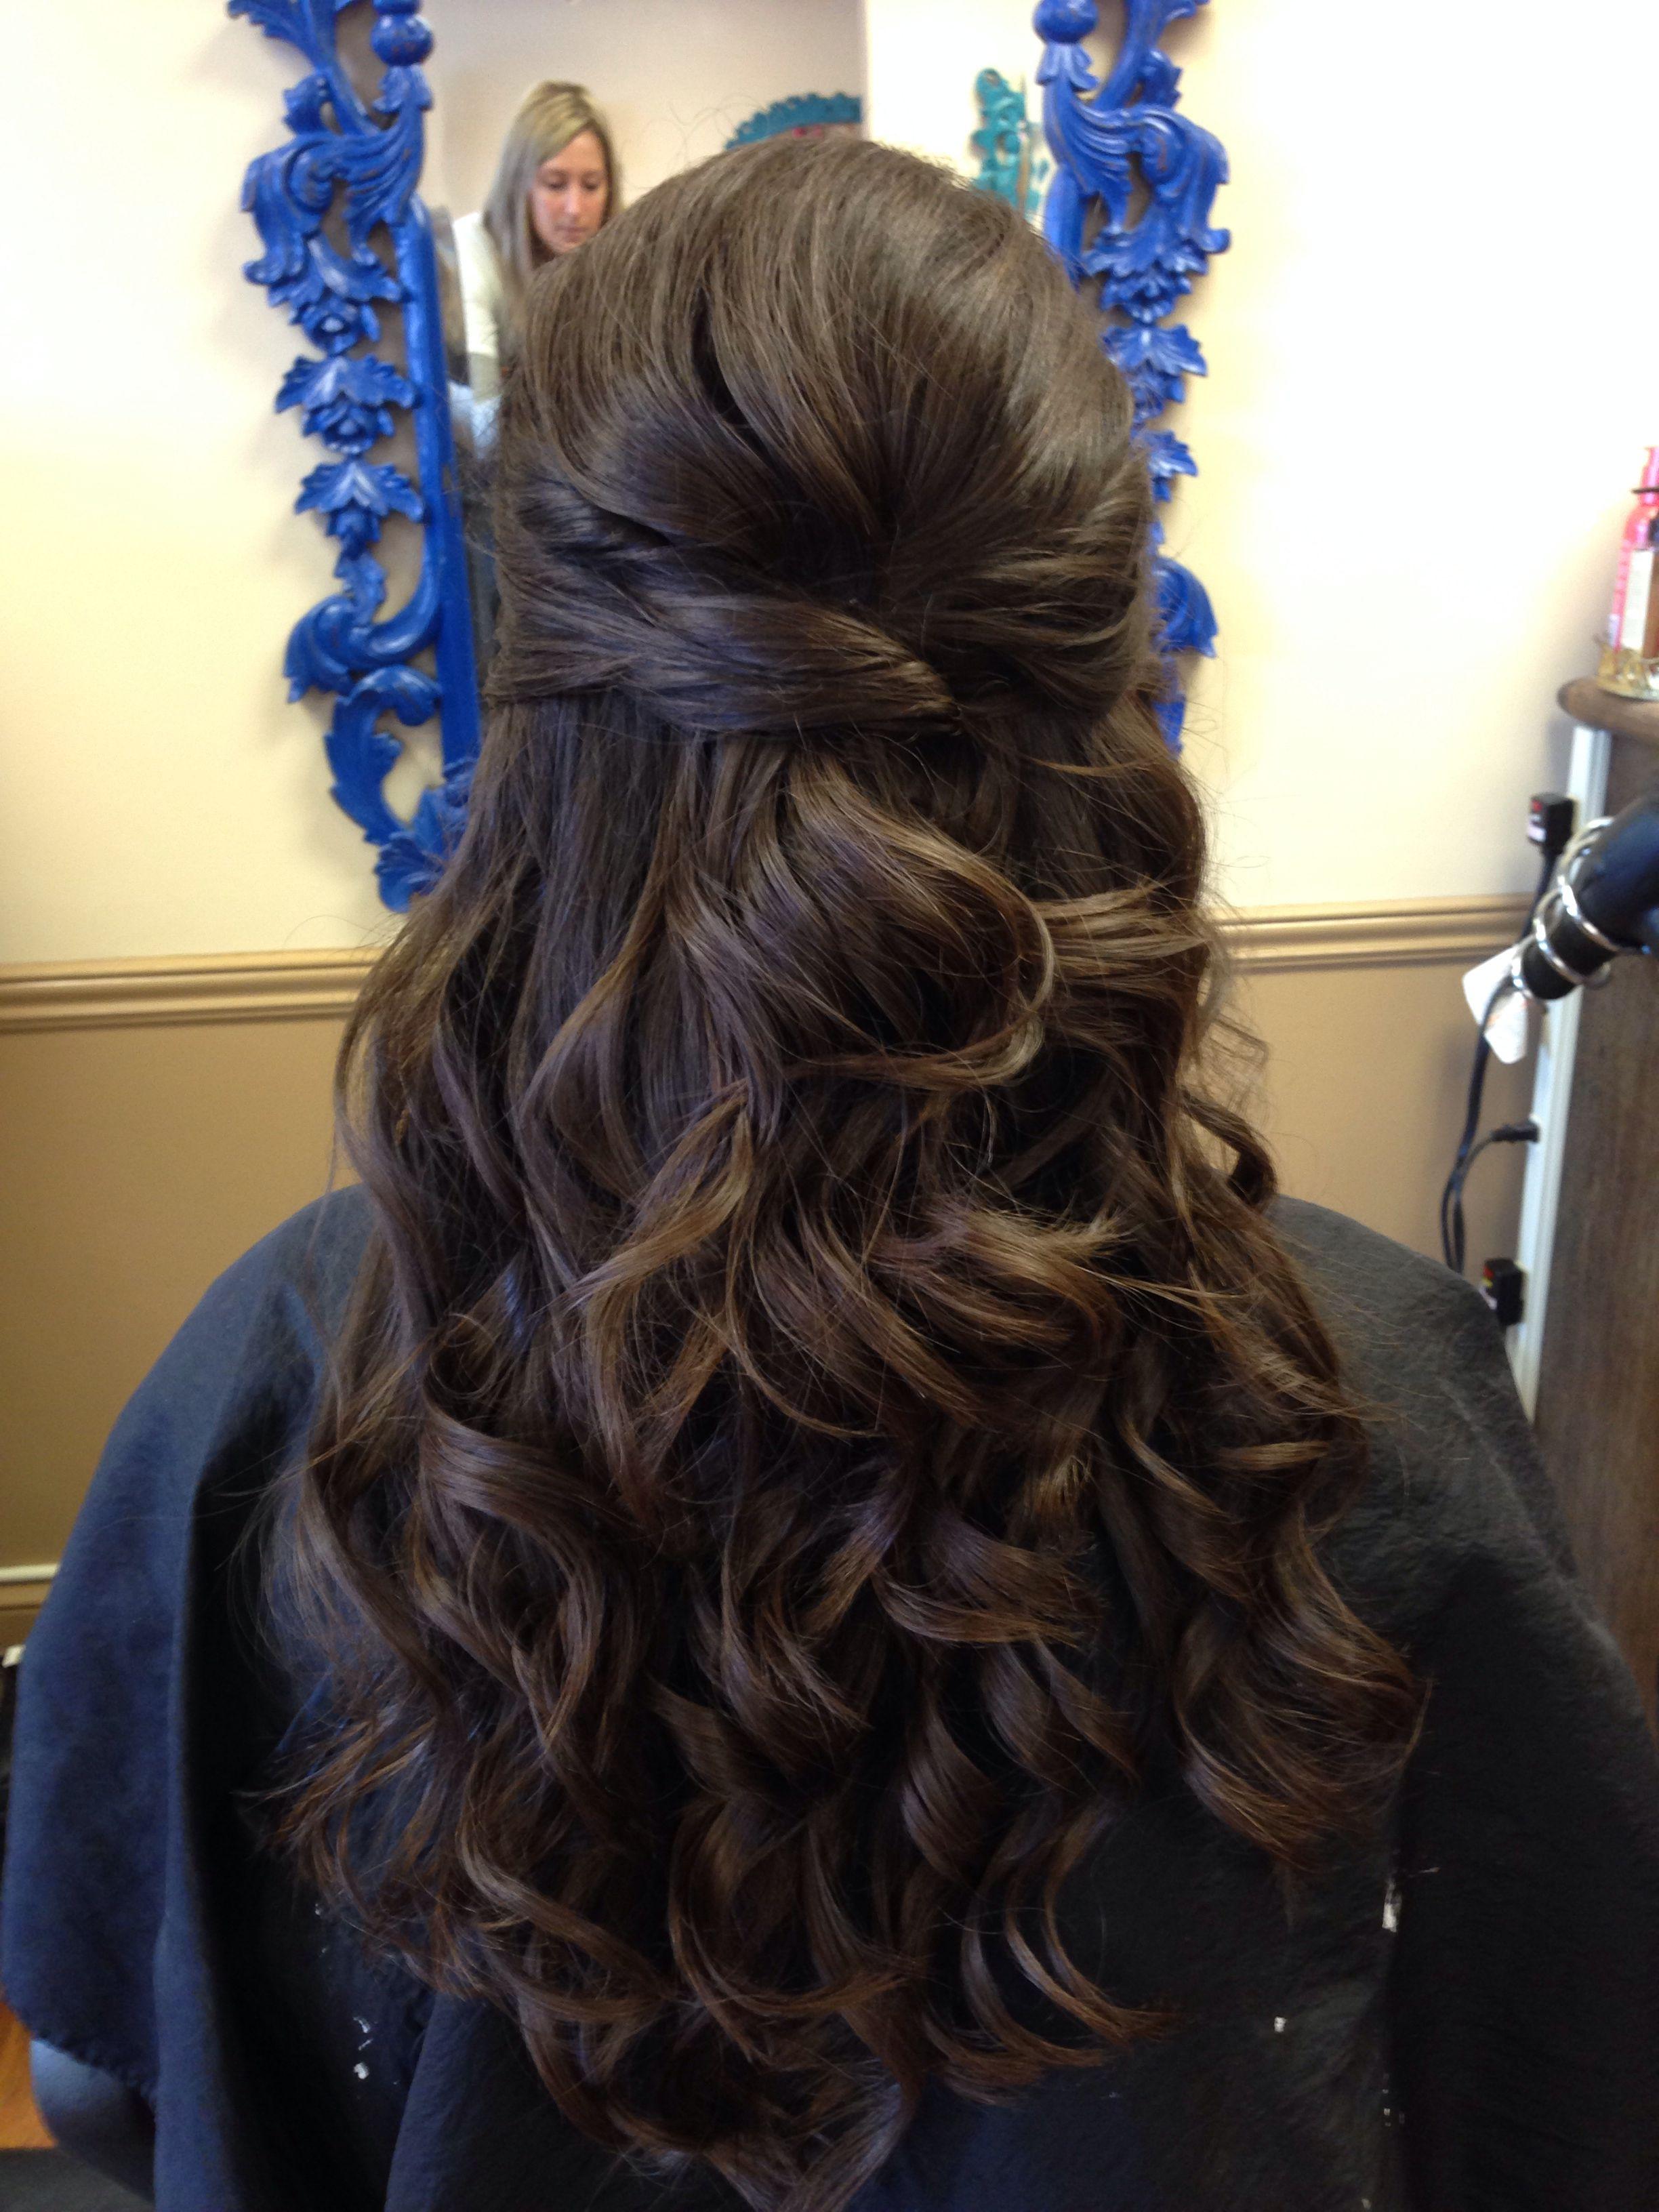 wedding hair - half up, curly, brunette, twist #wedding